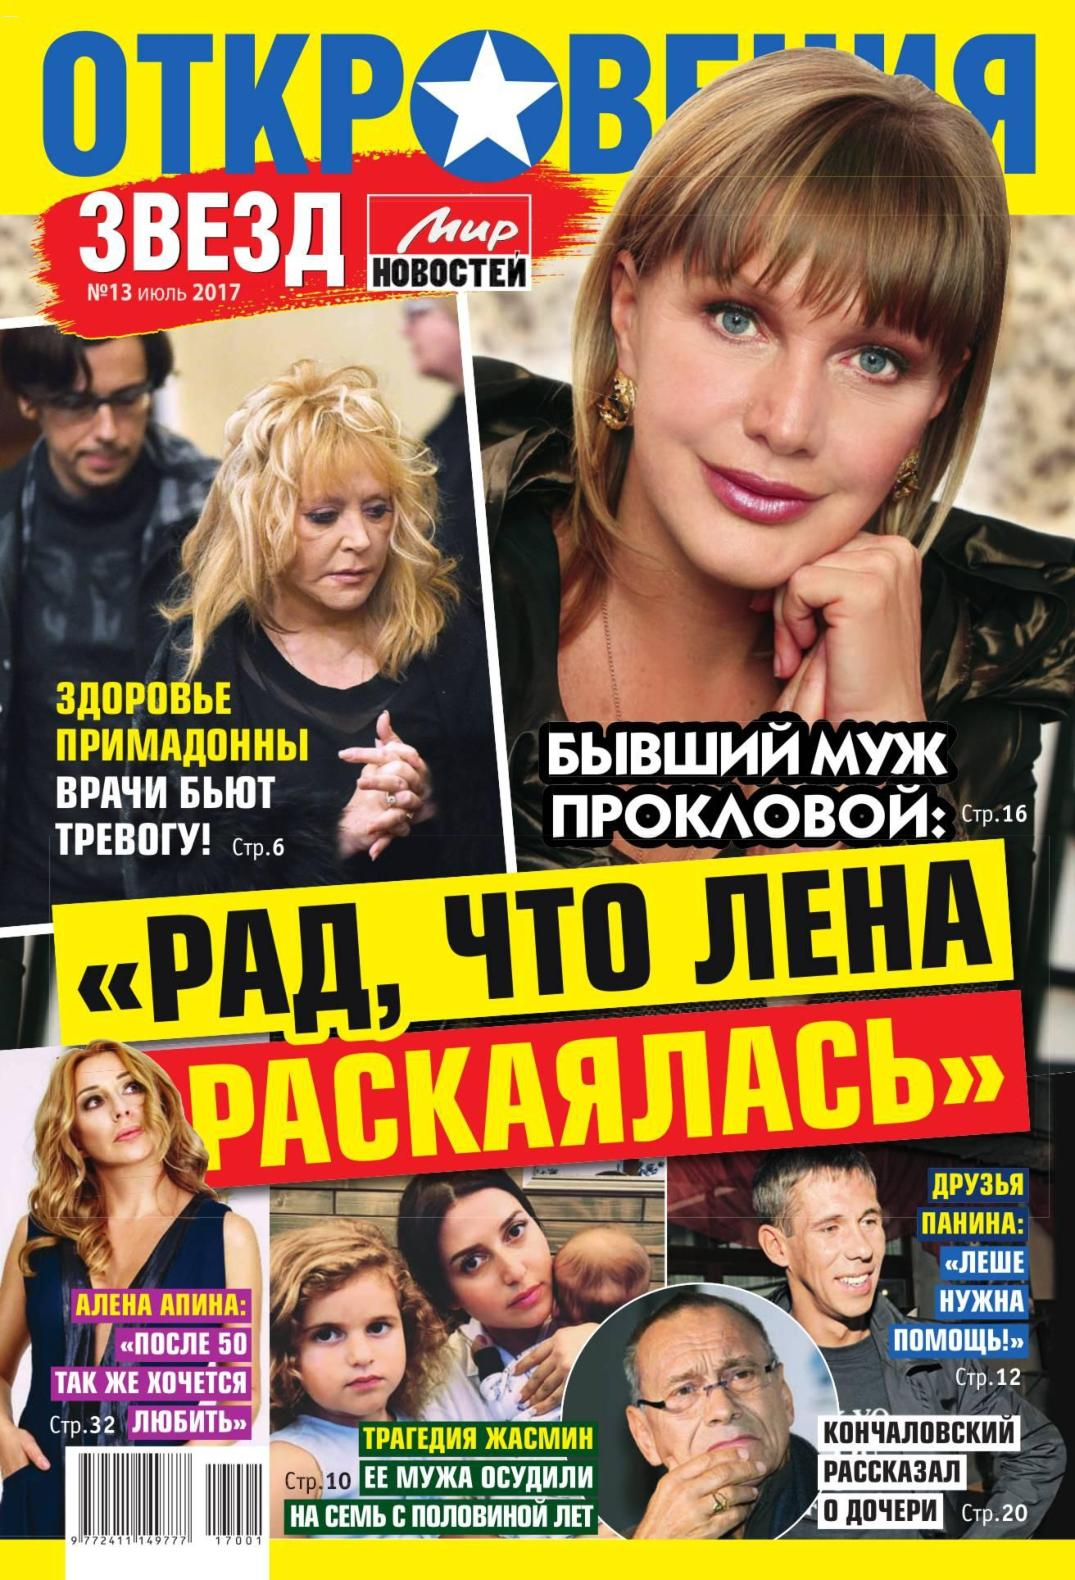 baskov-zanyalsya-porno-s-valeriey